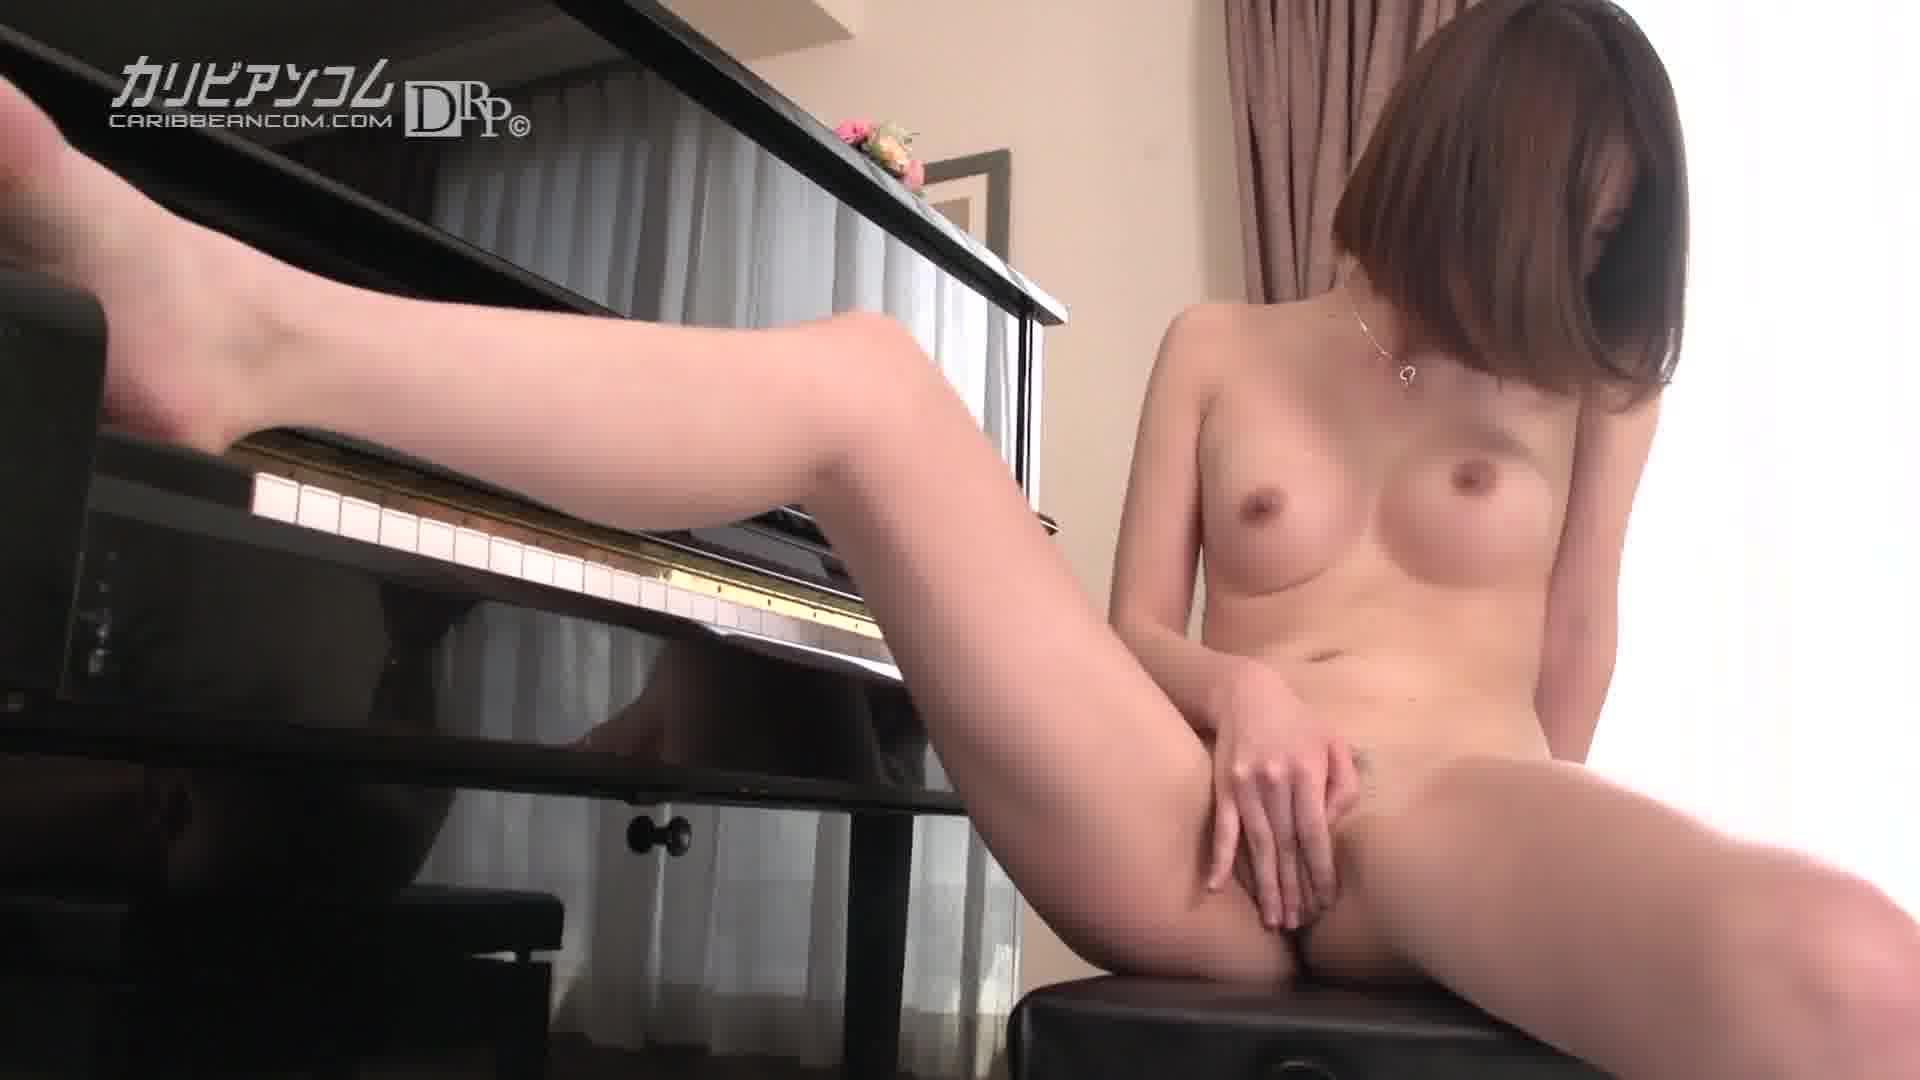 元ピアノ教師のト音記号をくぱぁ - 綾瀬なるみ【オナニー・バイブ・ぶっかけ】